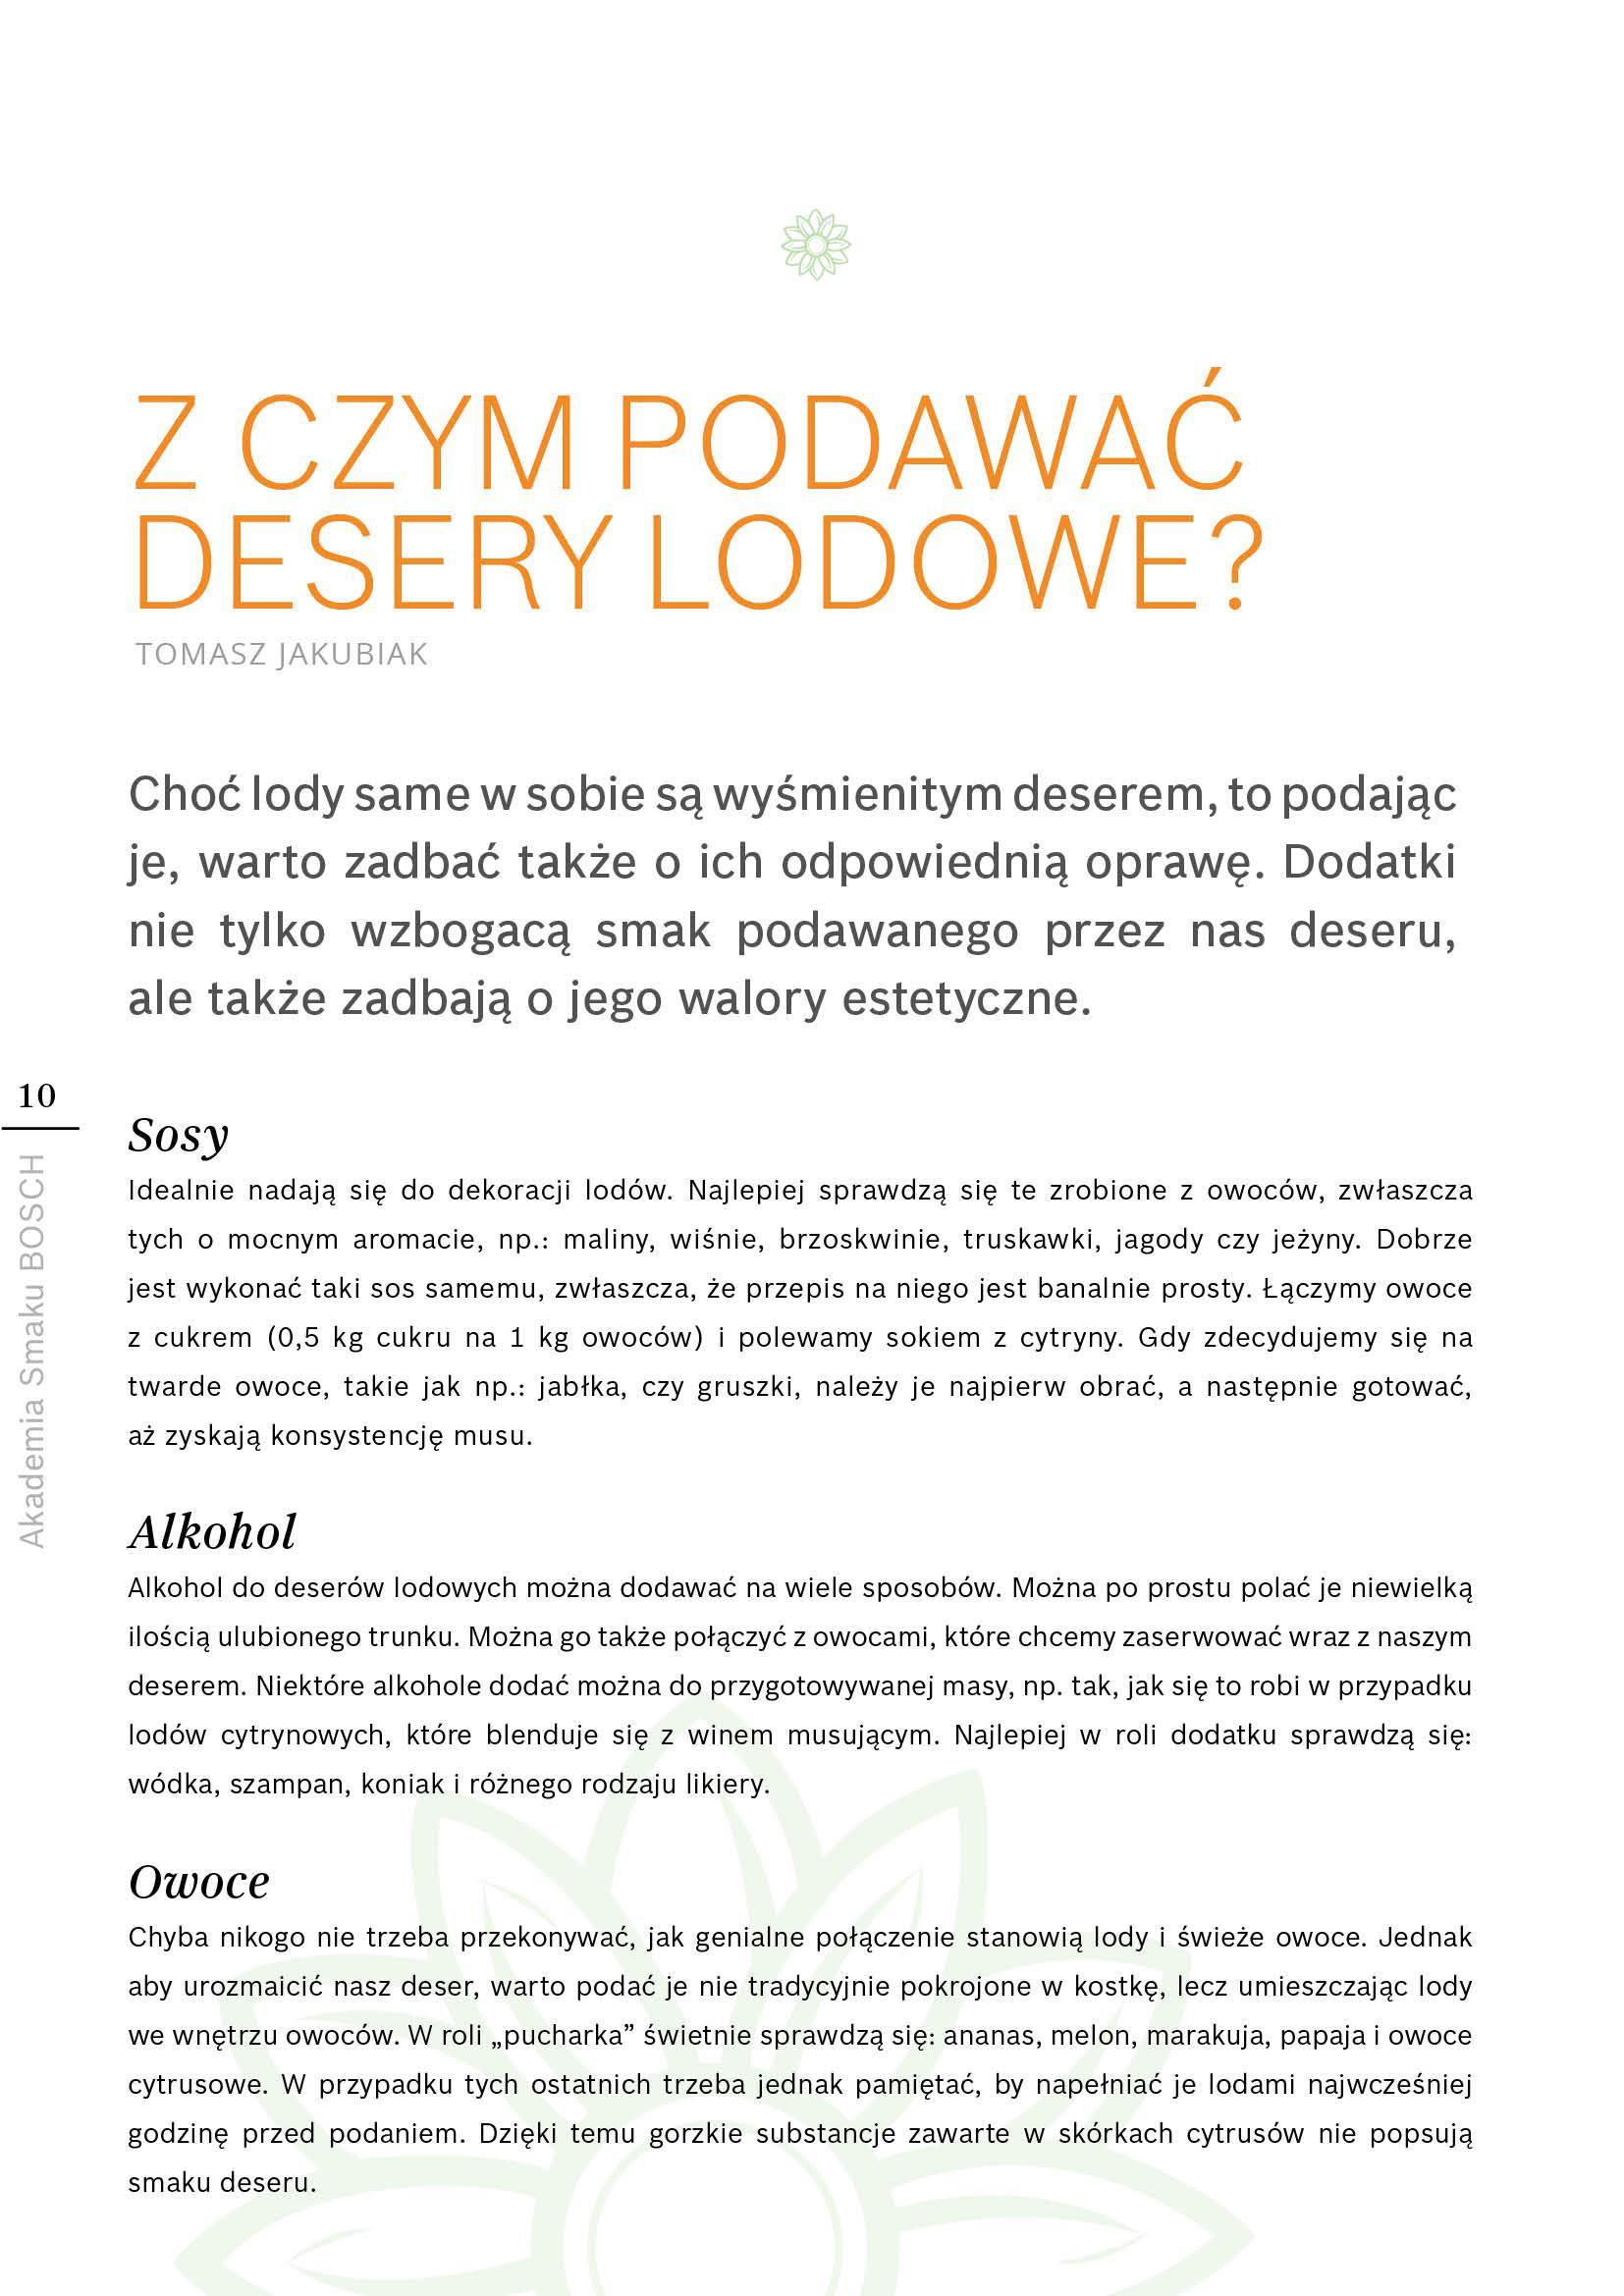 Sama słodycz - Strona 10